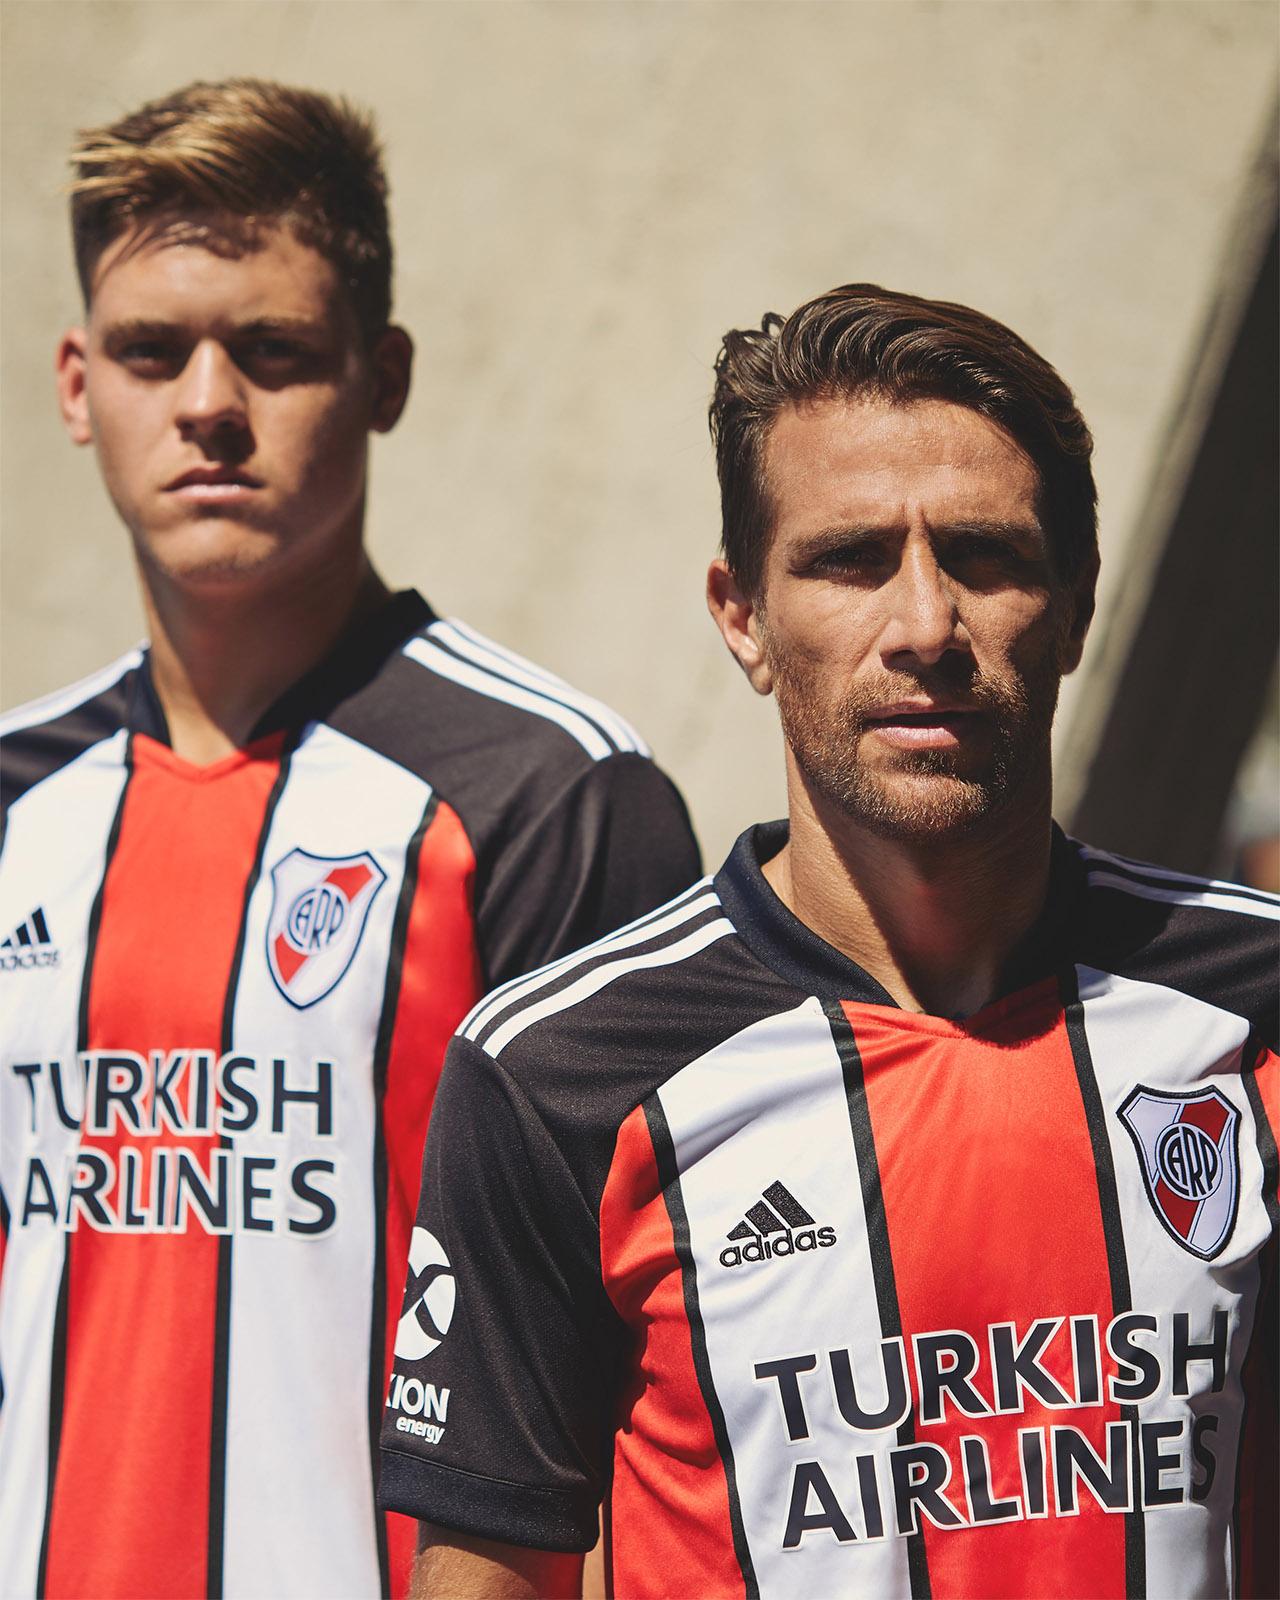 Terceira camisa do River Plate 2021 Adidas